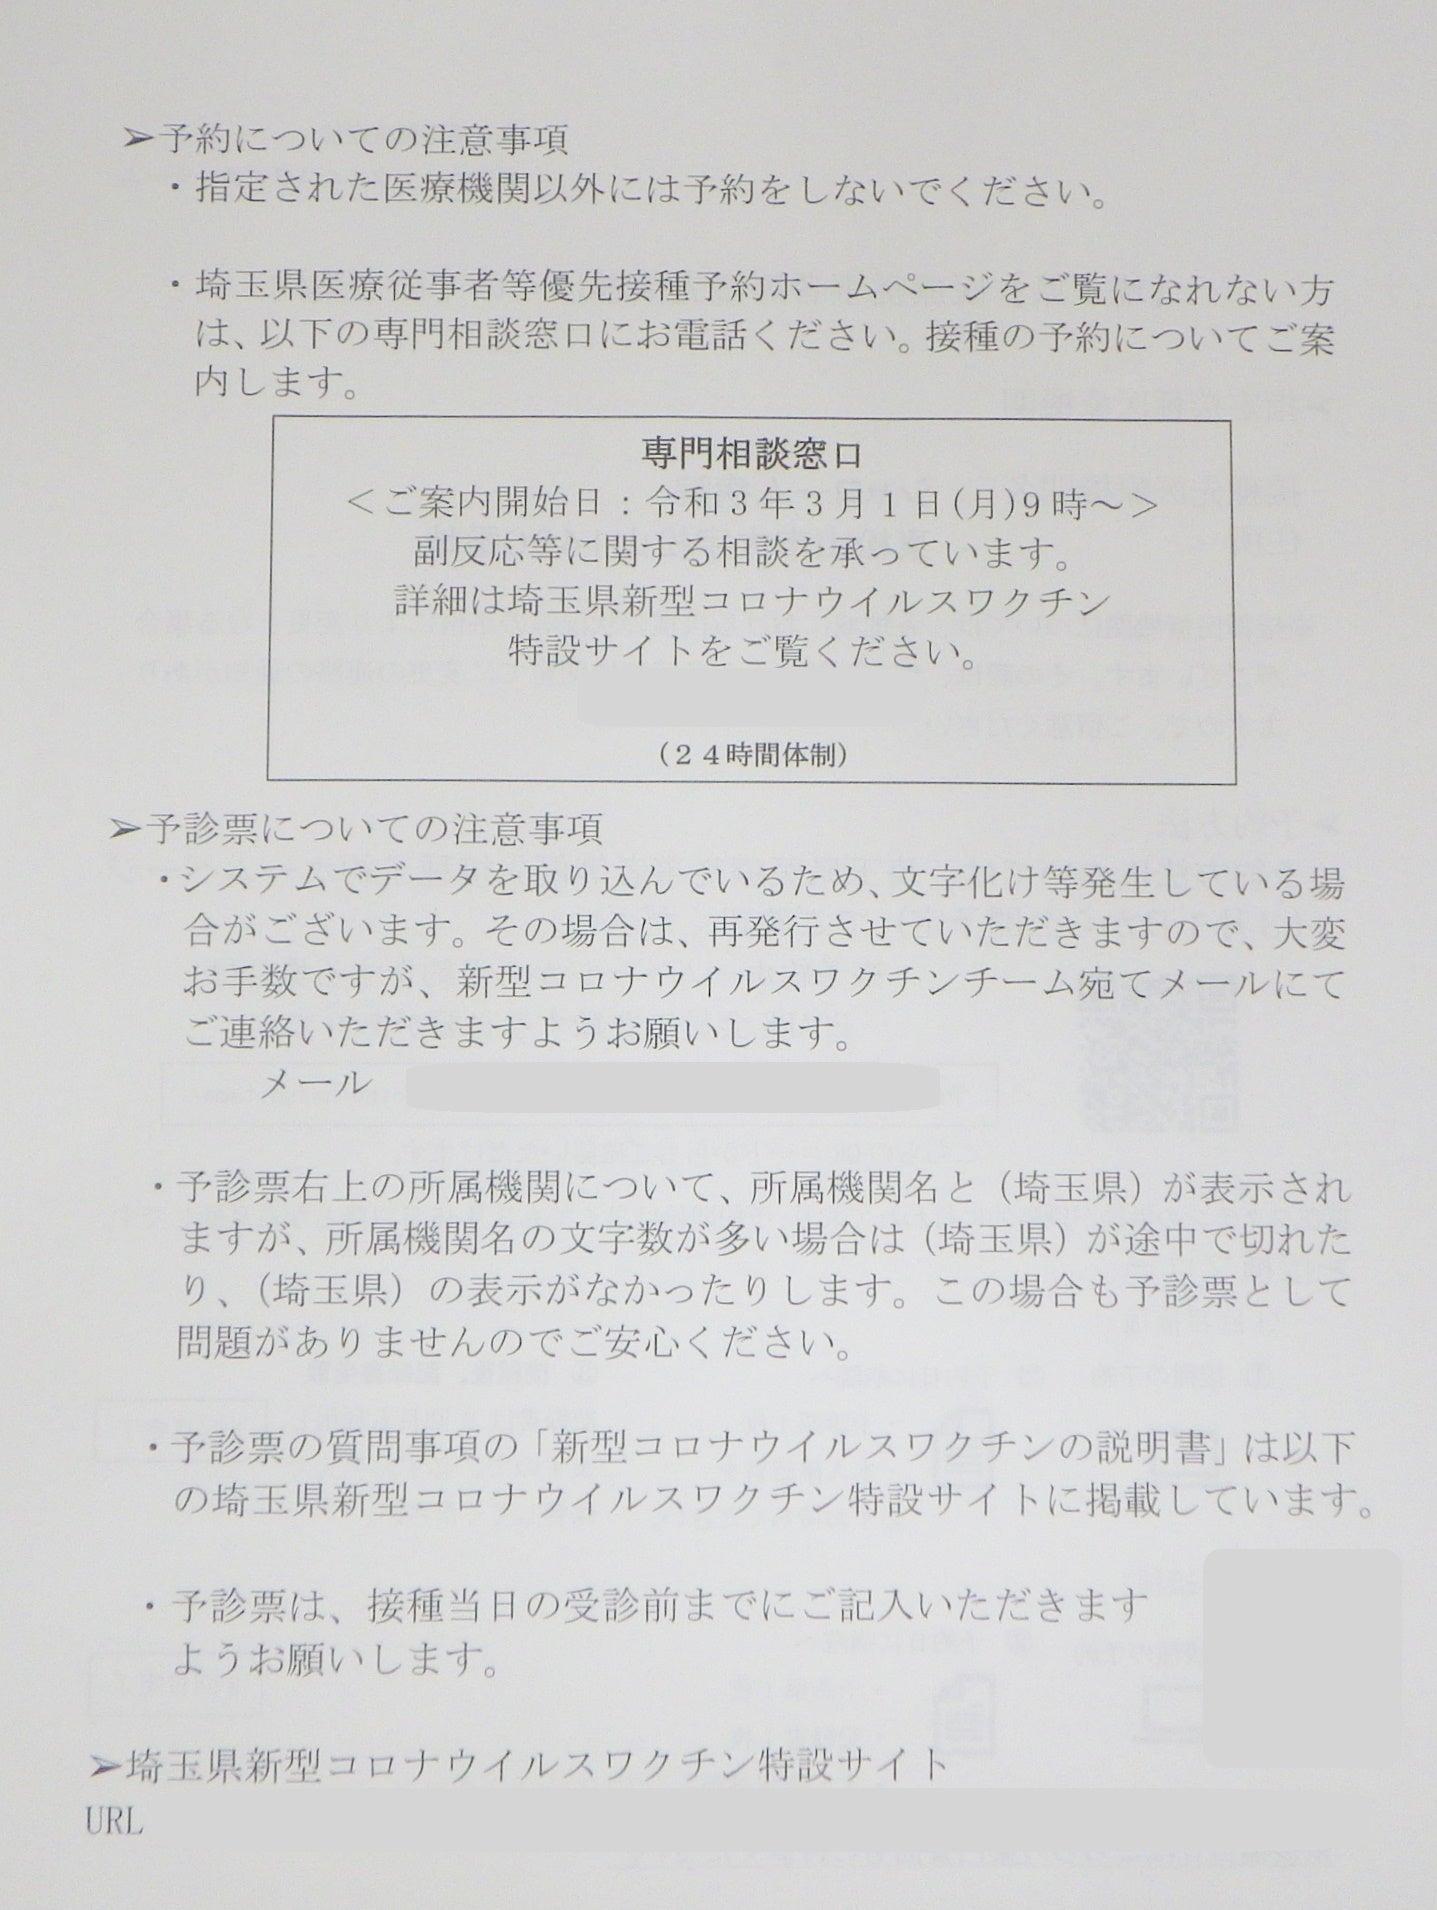 従事 者 予約 県 等 接種 医療 優先 ホームページ 埼玉